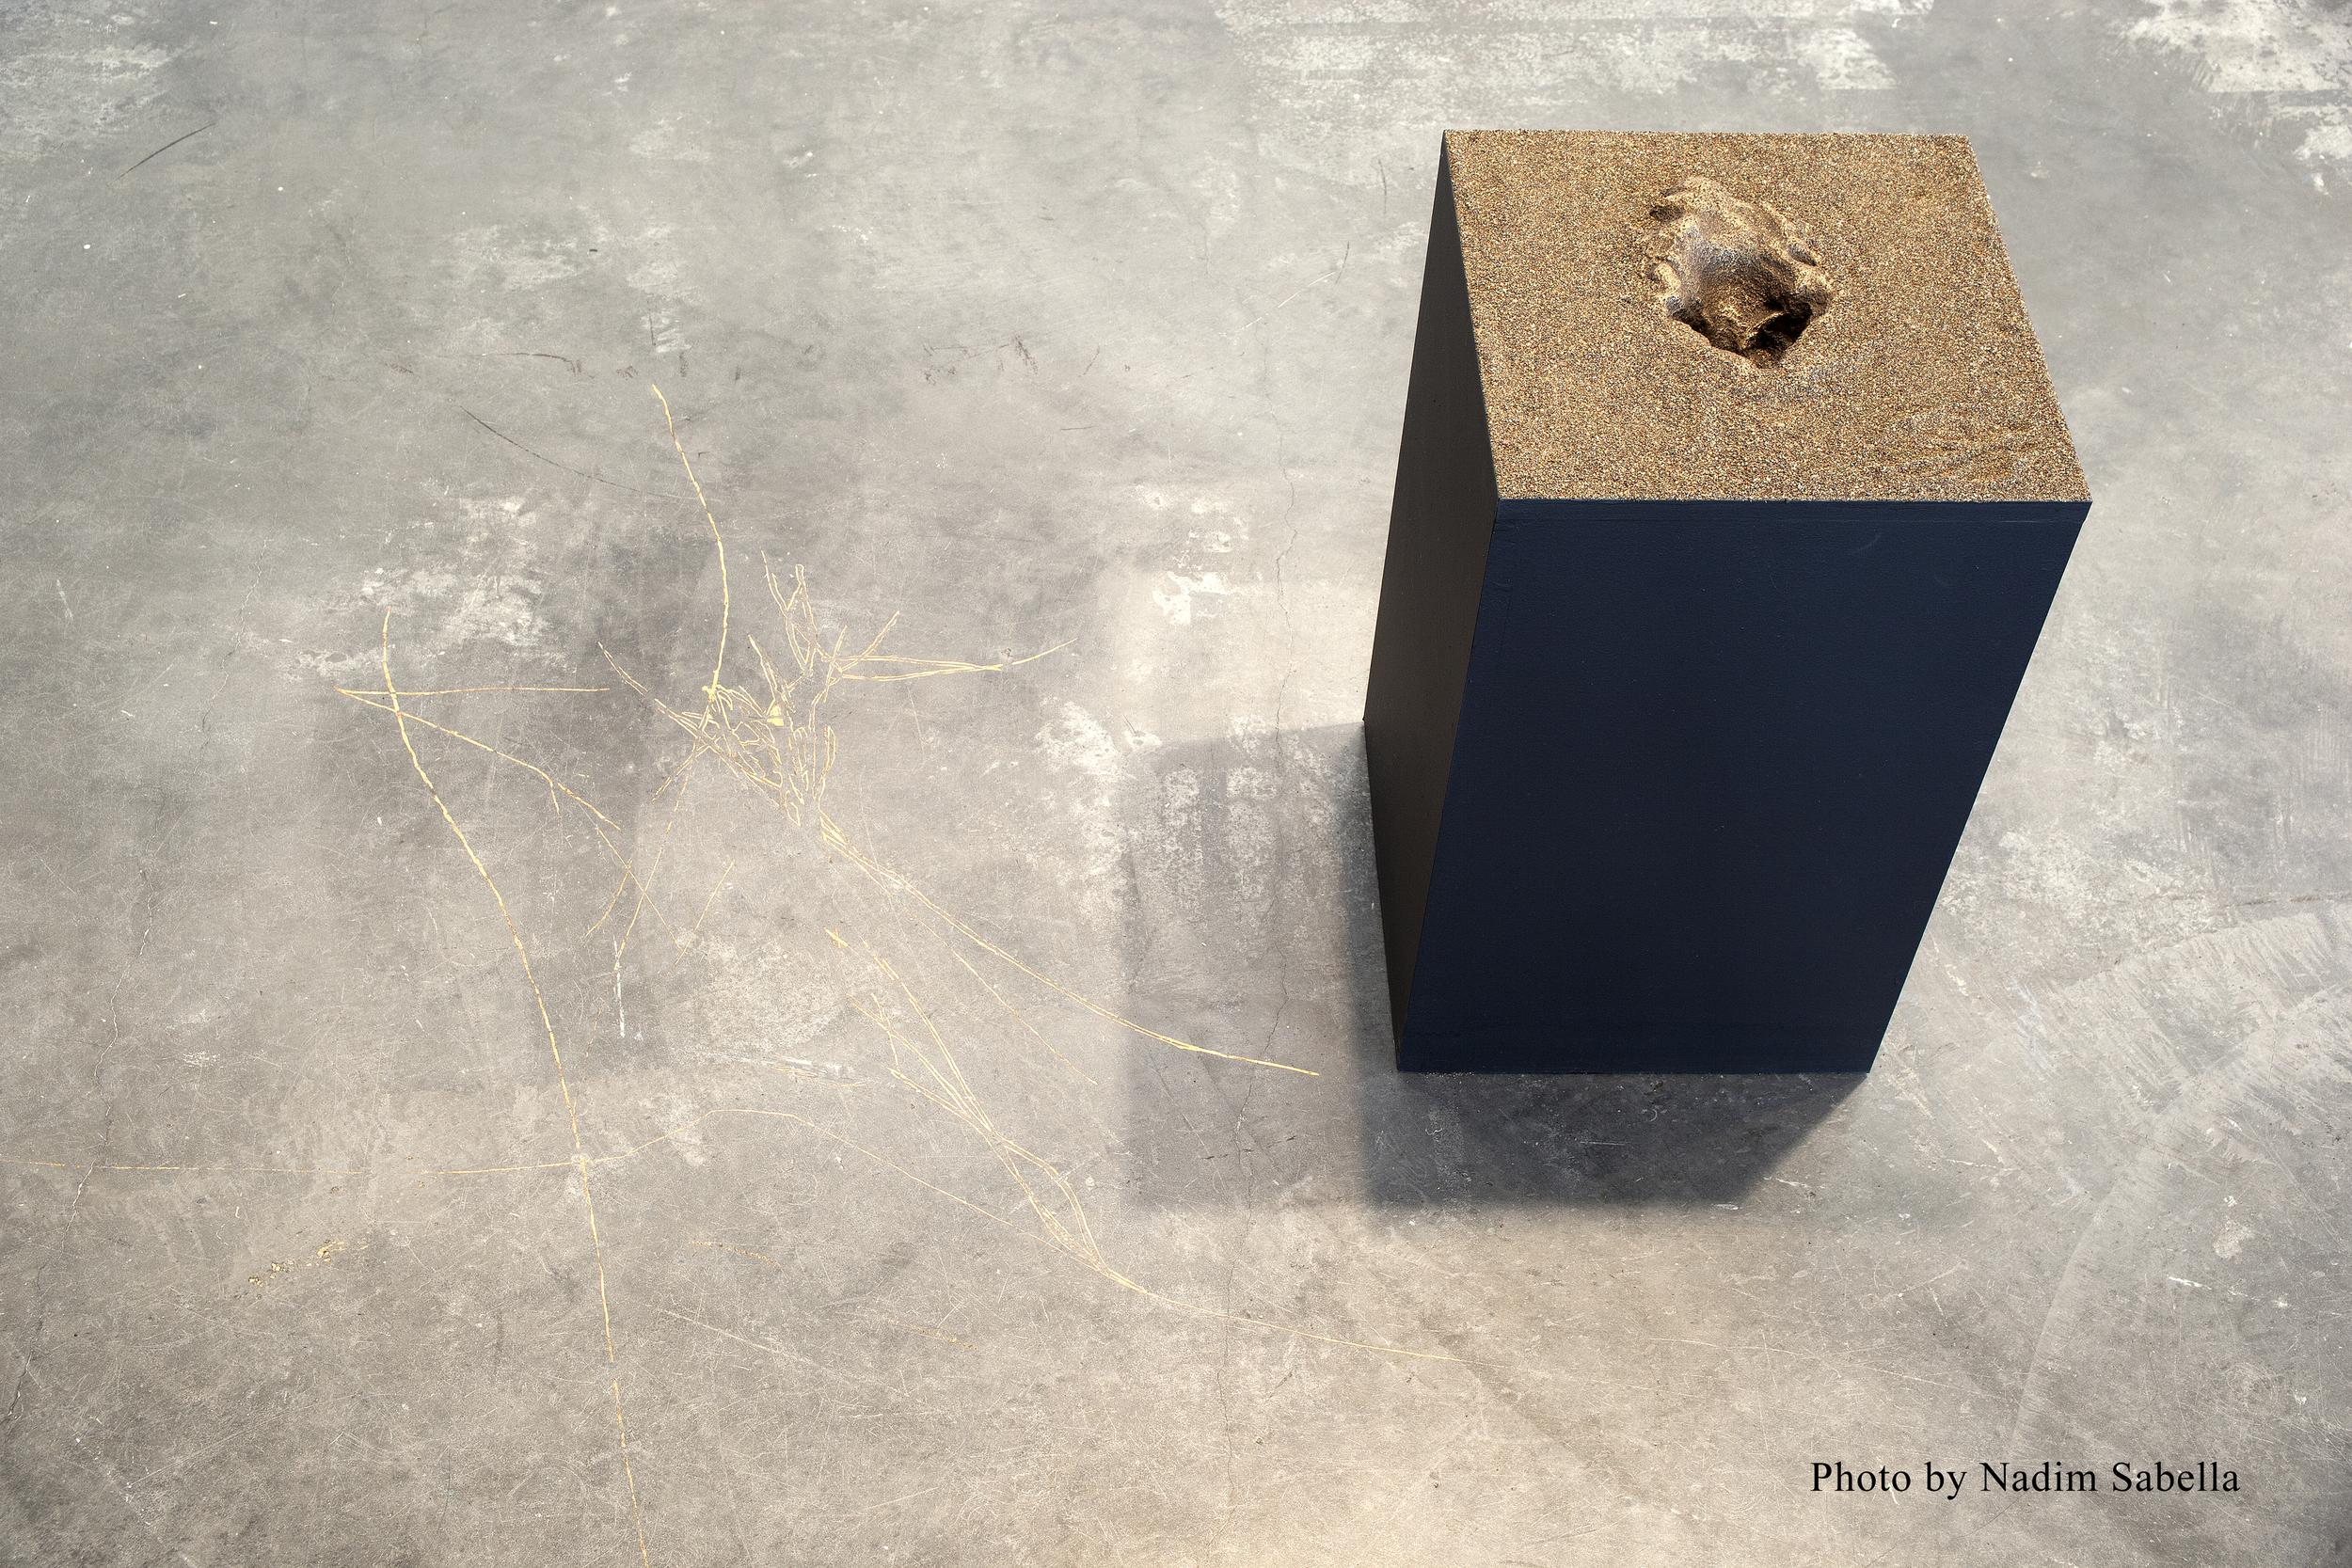 Ali Nashke Messing Installation Shots Edited 2_smaller.jpg